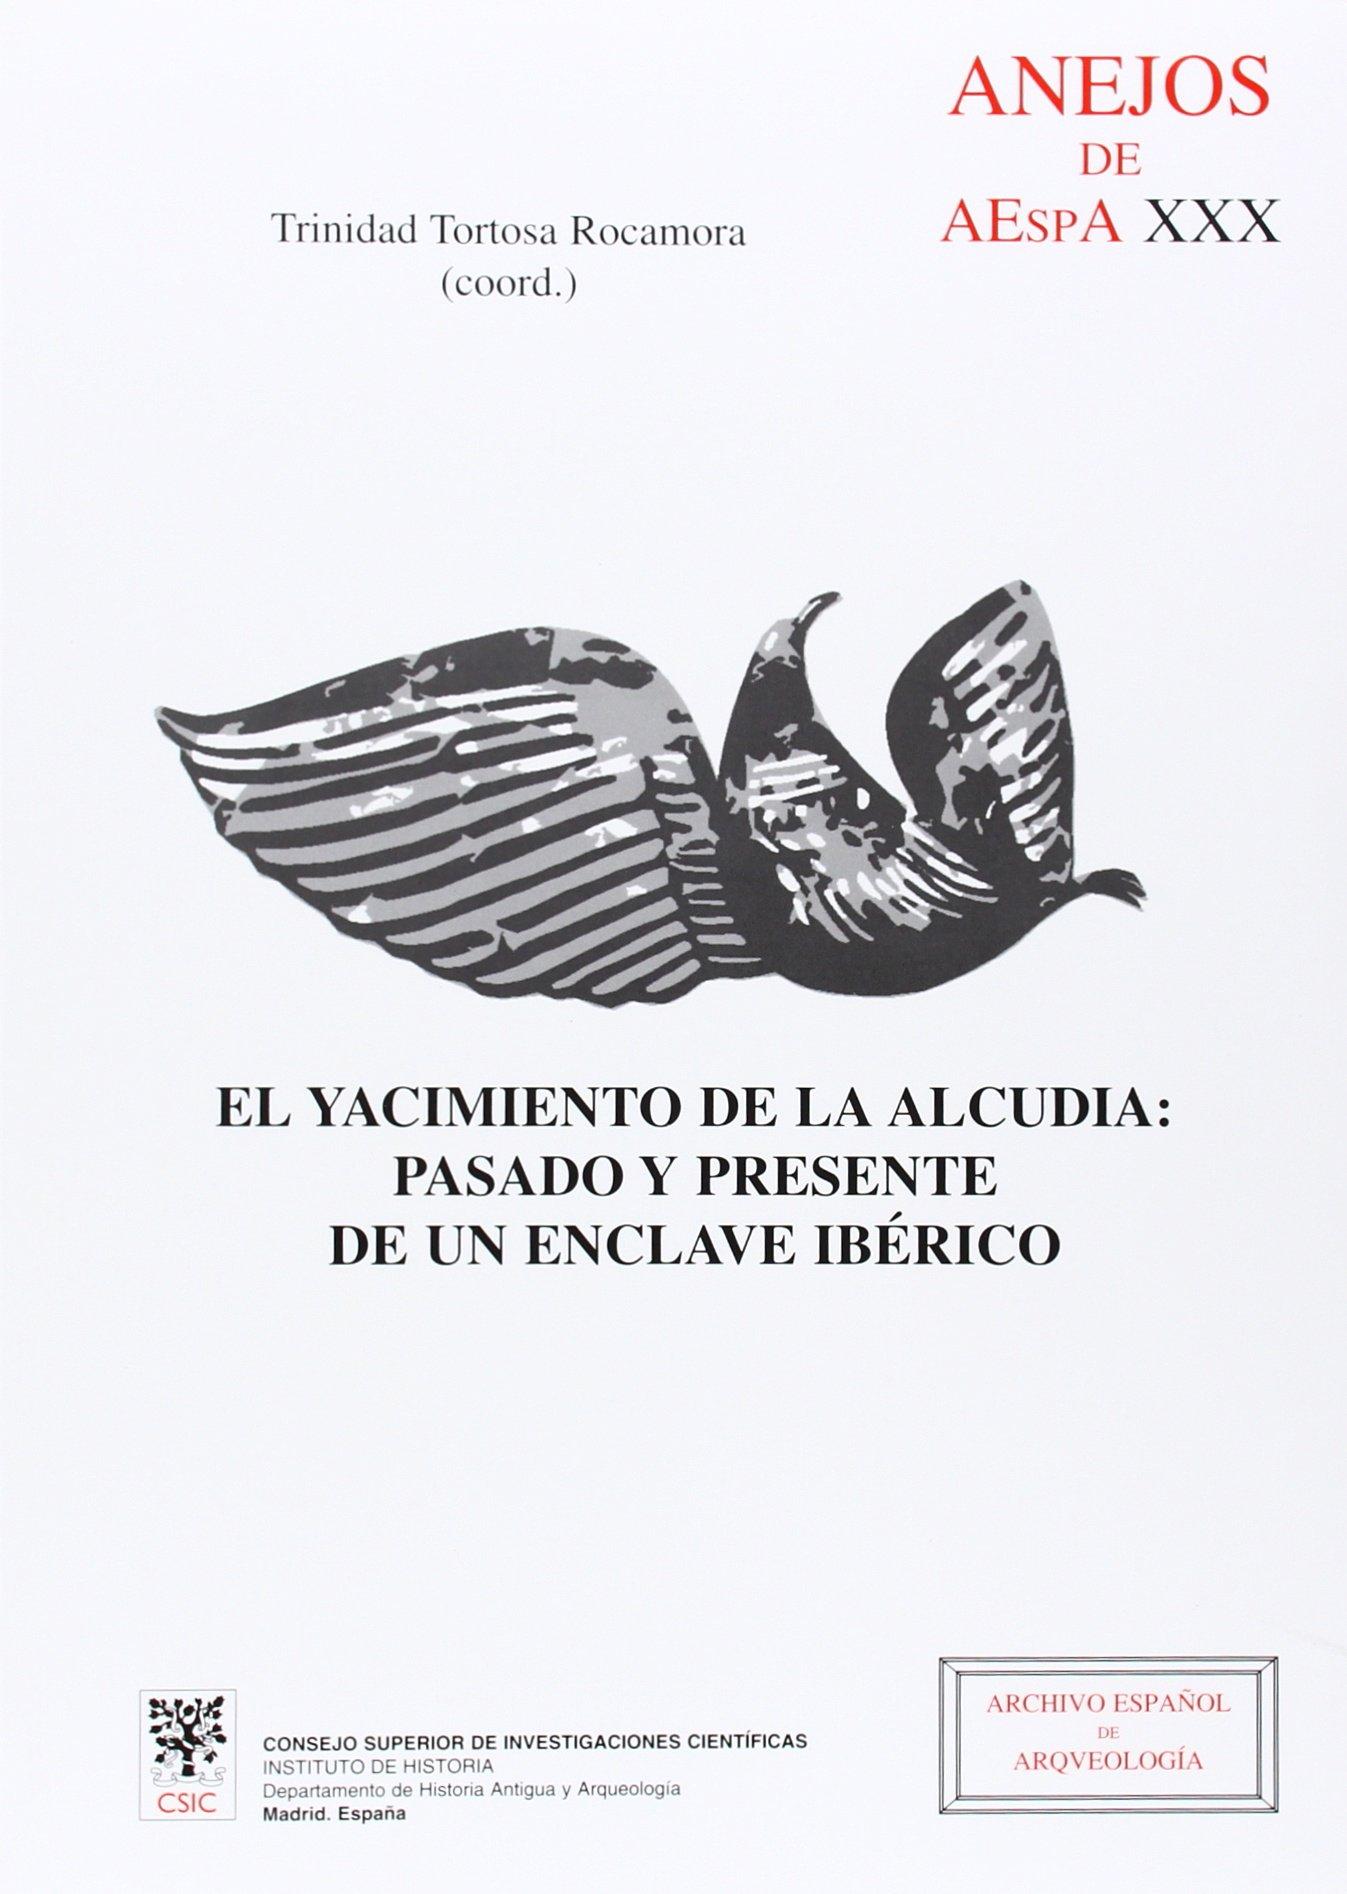 El yacimiento de La Alcudia Elche, Alicante : Pasado y presente de un enclave ibérico Anejos de Archivo Español de Arqueología: Amazon.es: Mª Trinidad ...